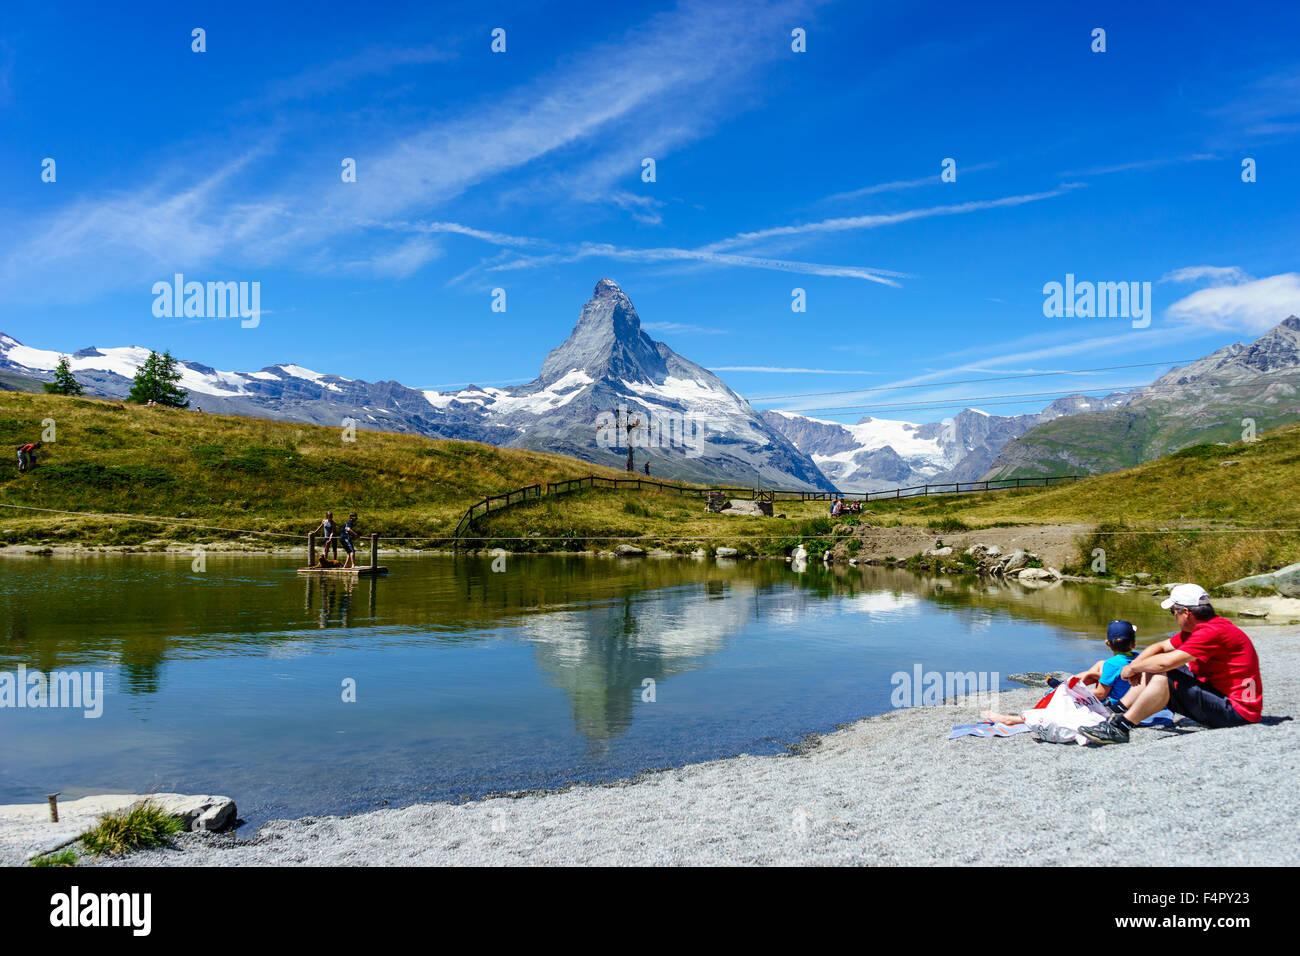 People relaxing by the lake under Matterhorn peak in summer. July, 2015. Matterhorn, Switzerland. - Stock Image